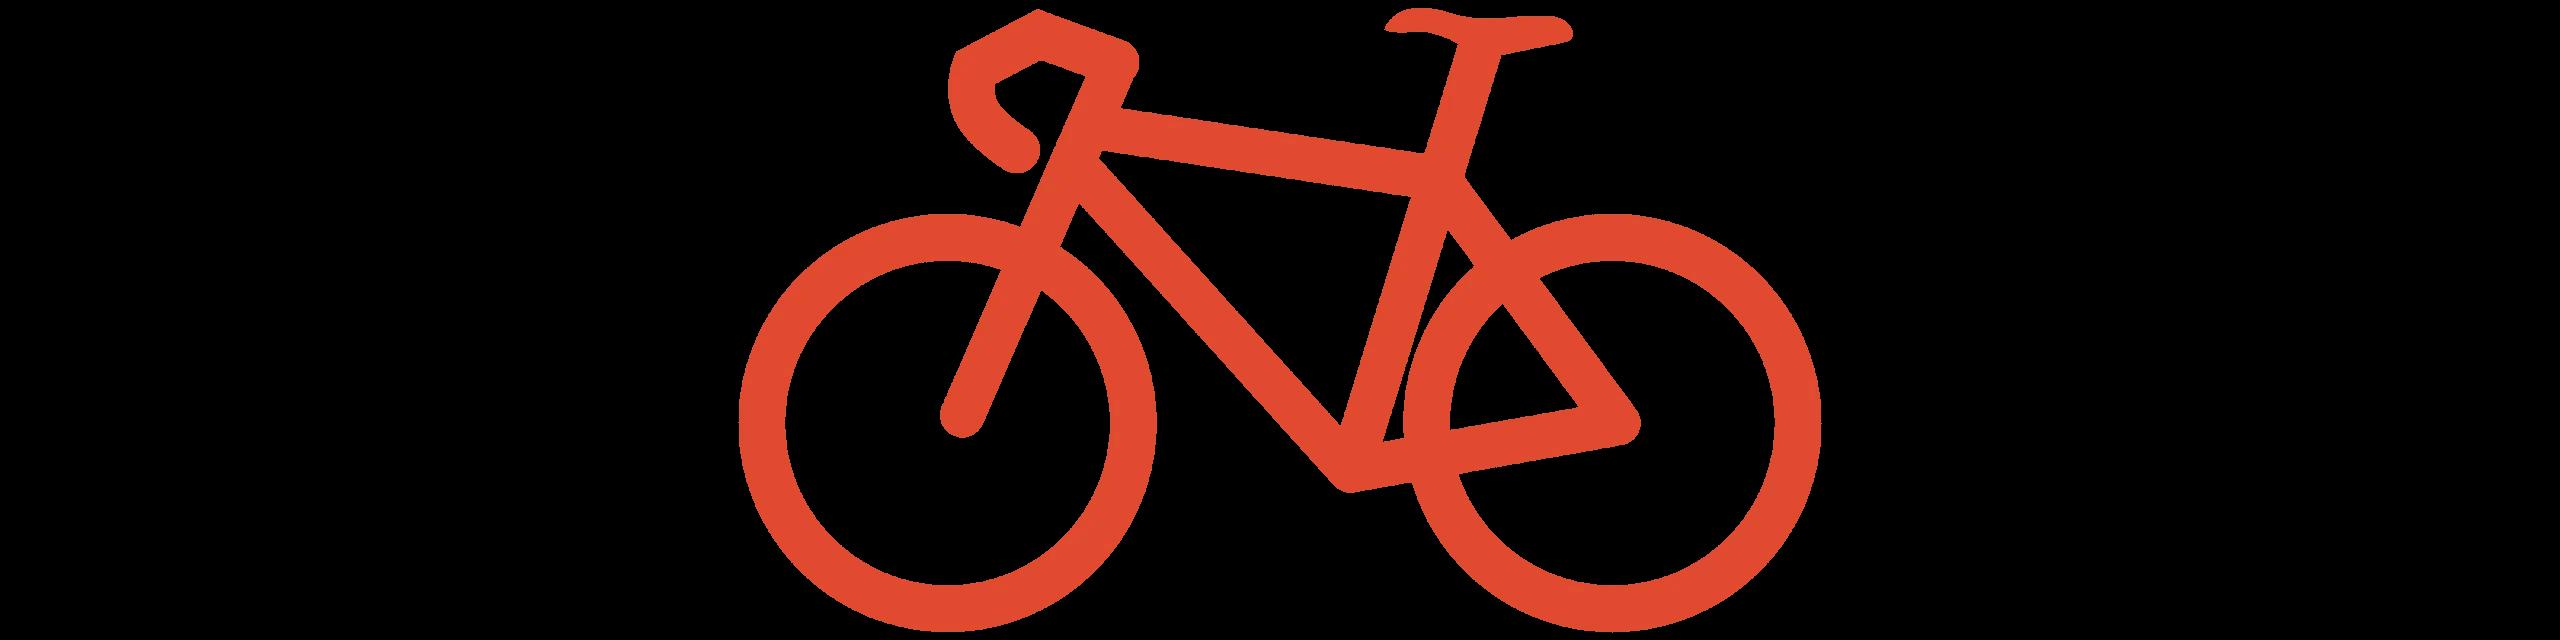 Bike 1 Png